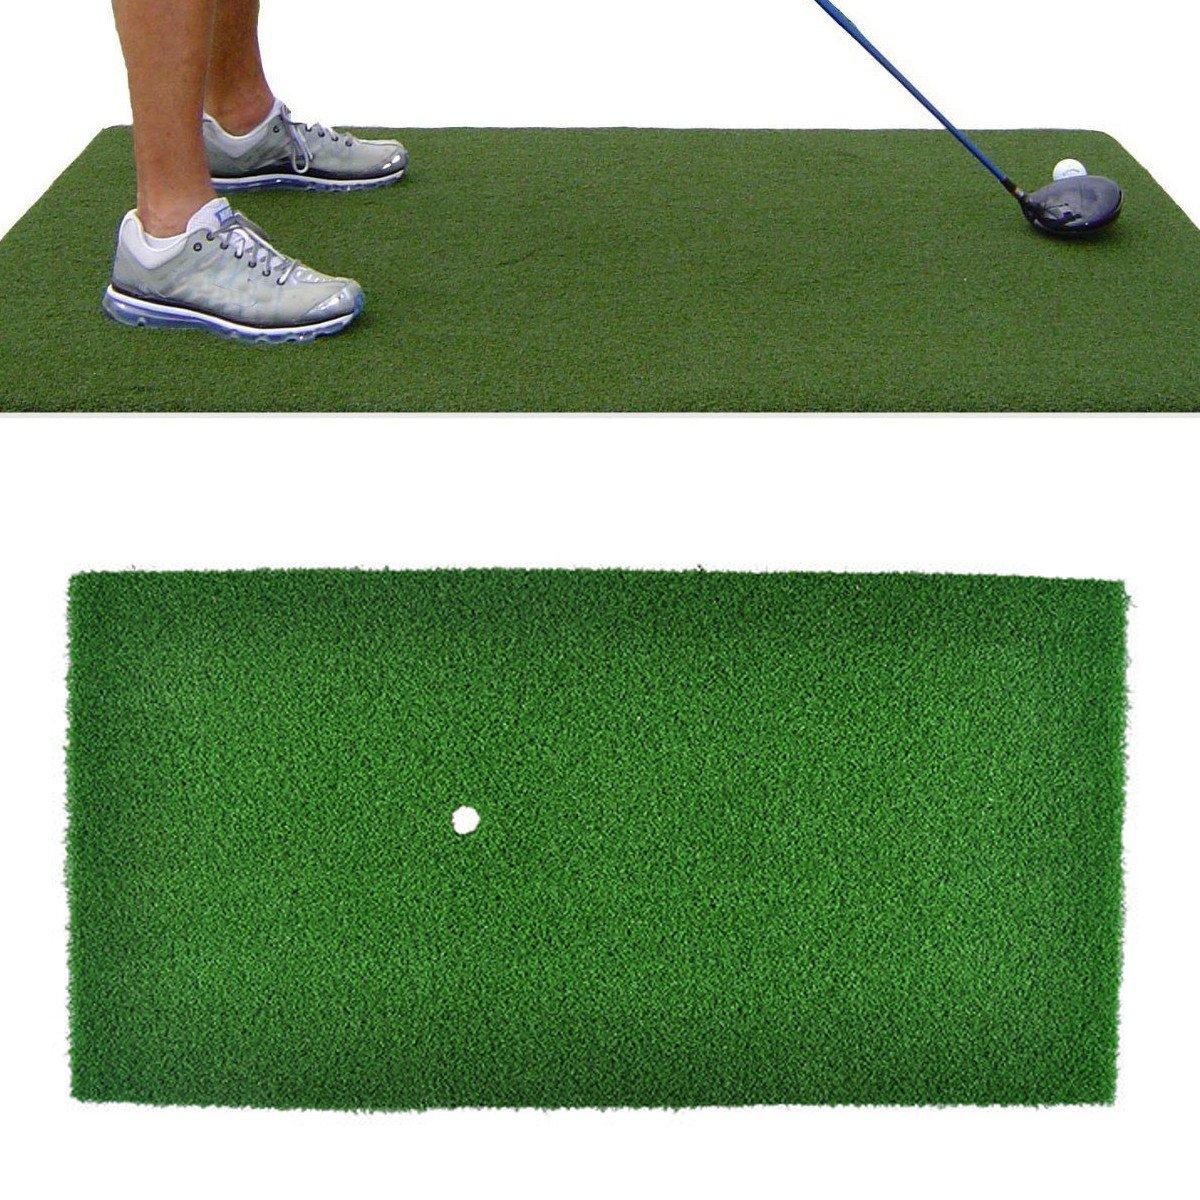 Faway 60x30cmの緑のゴルフ練習のマット、屋内運転の裏庭の打撃の草の運転のホールダー   B07FCK6GF9